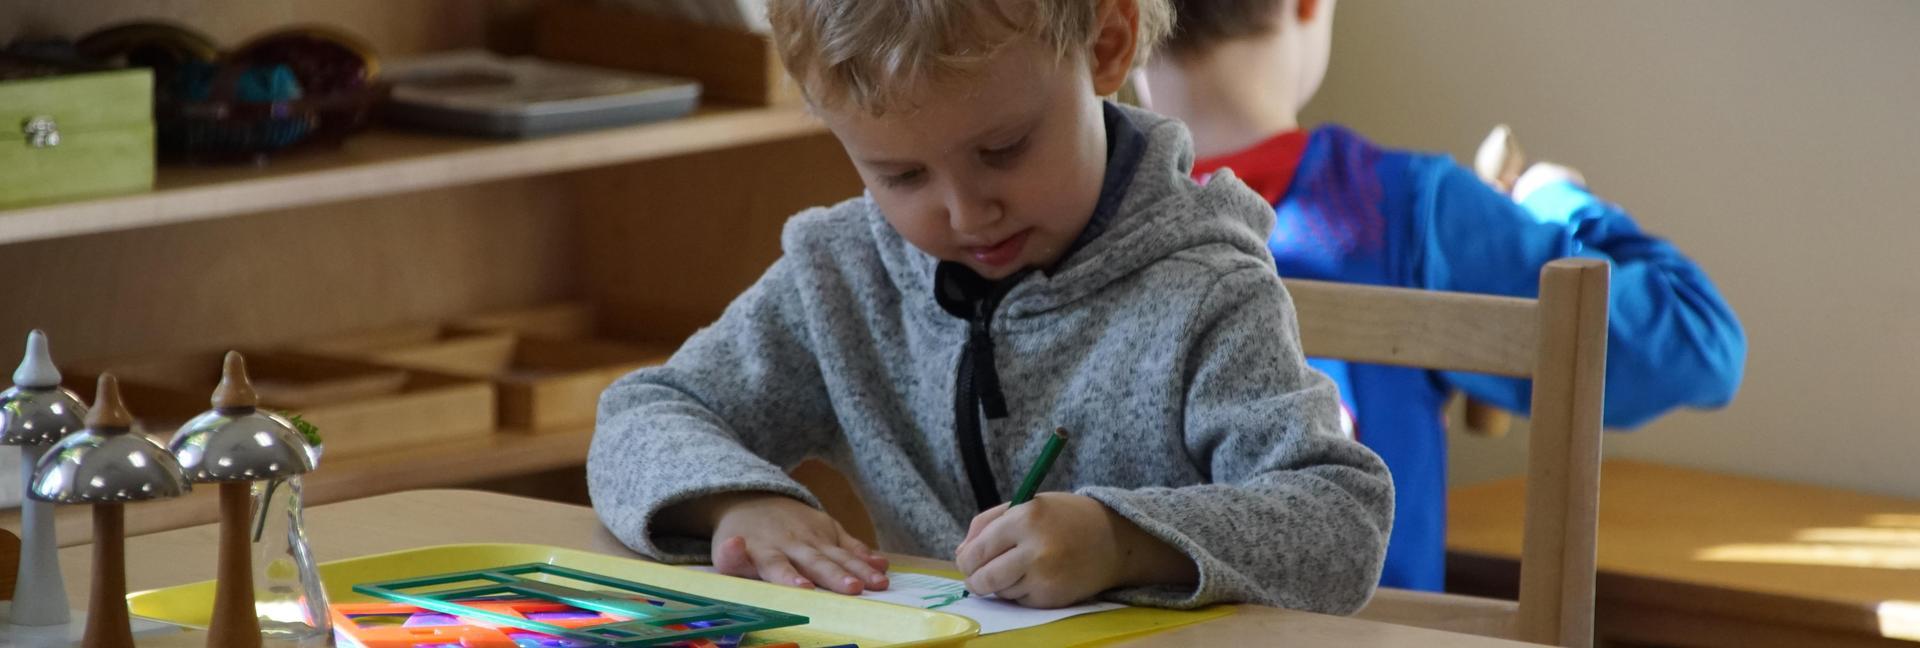 Children's house child working